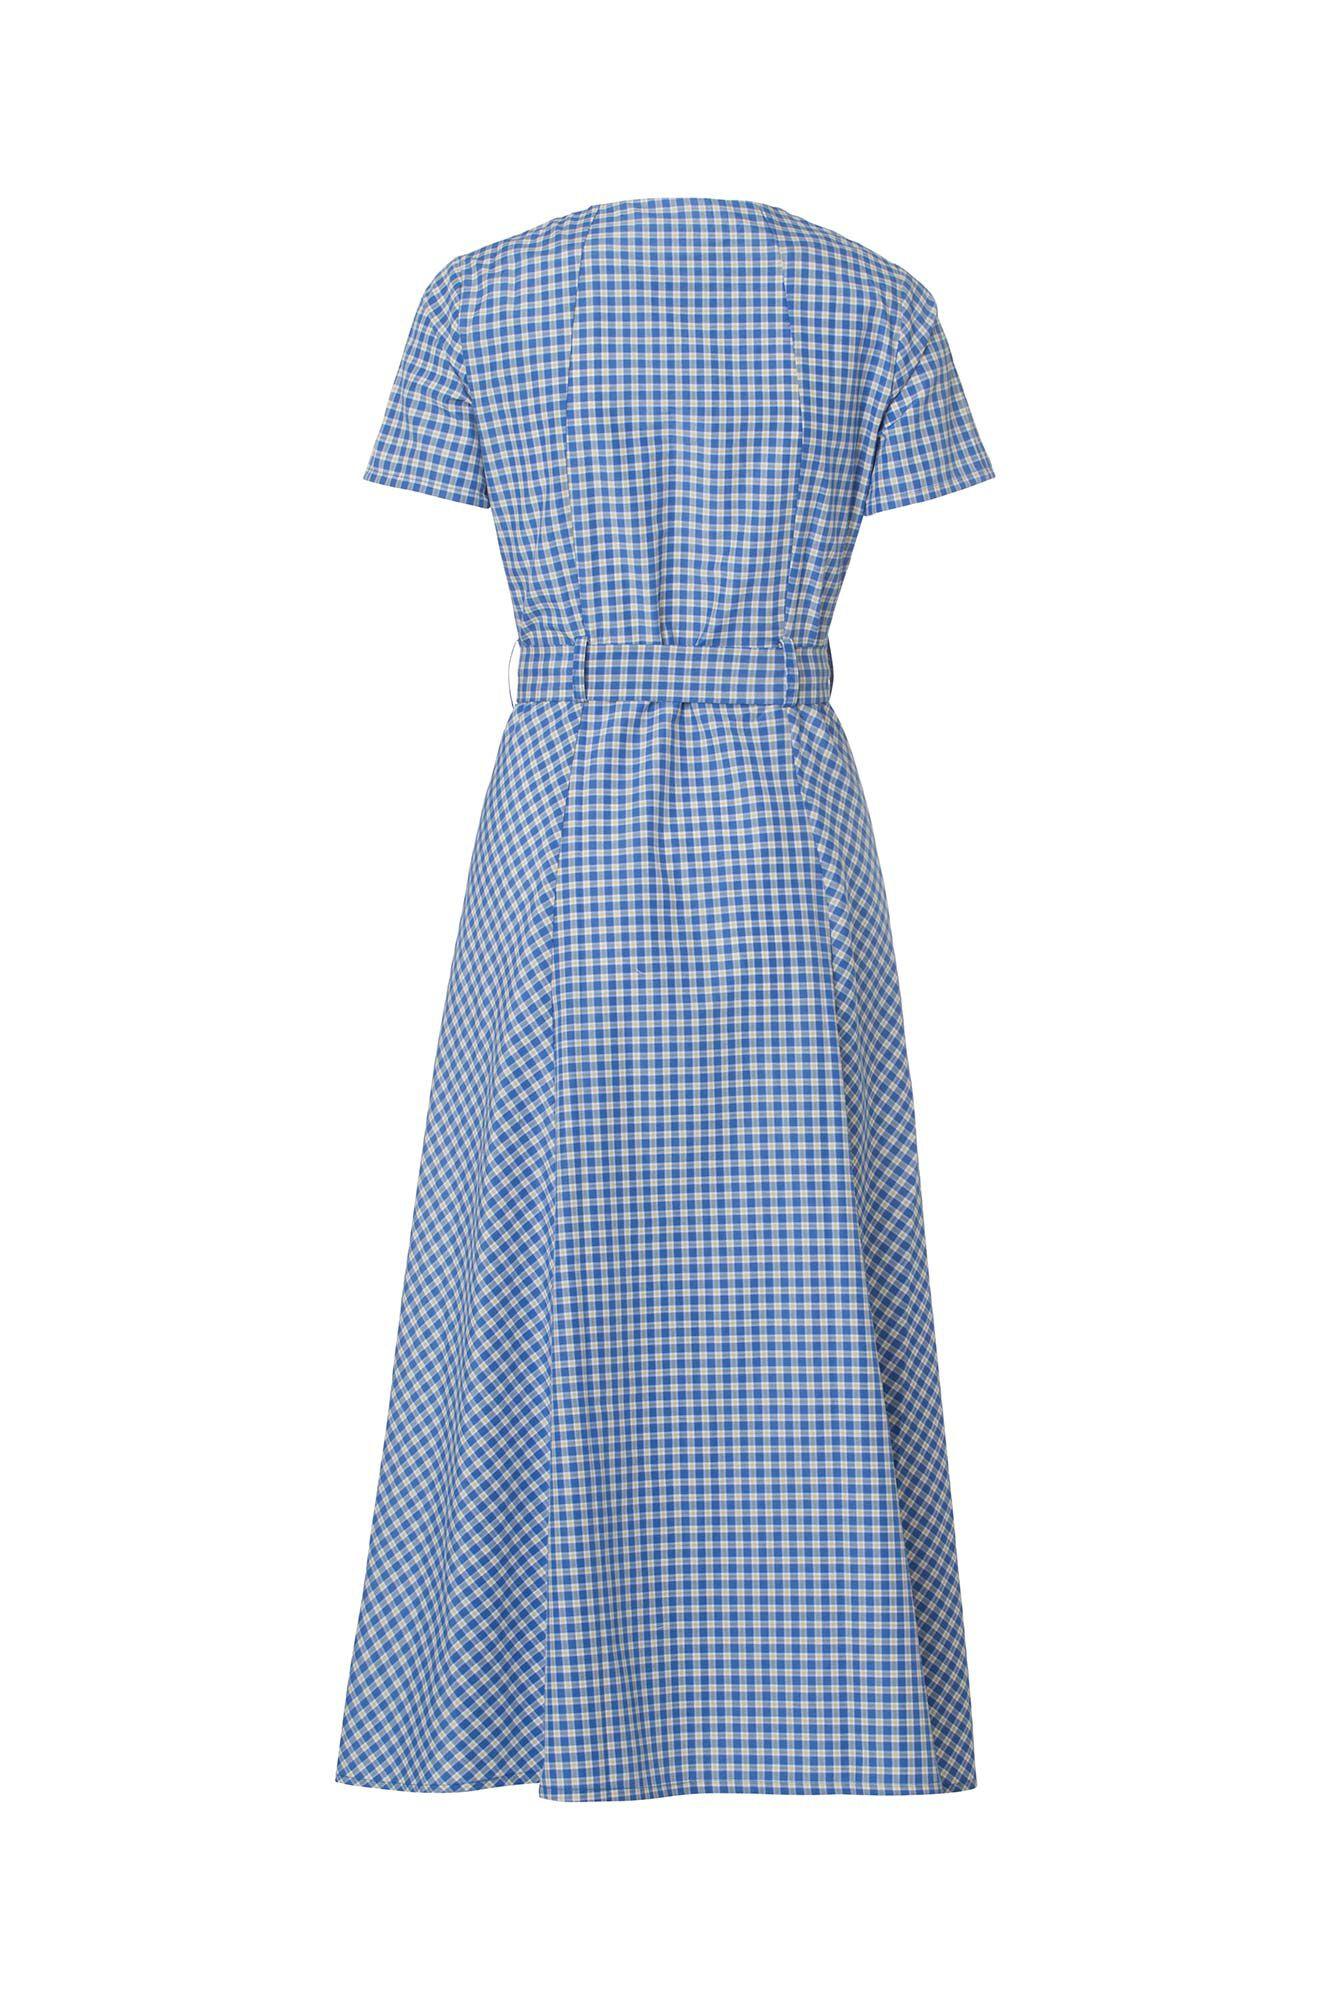 Noma dress 05960358, OCEAN BLUE